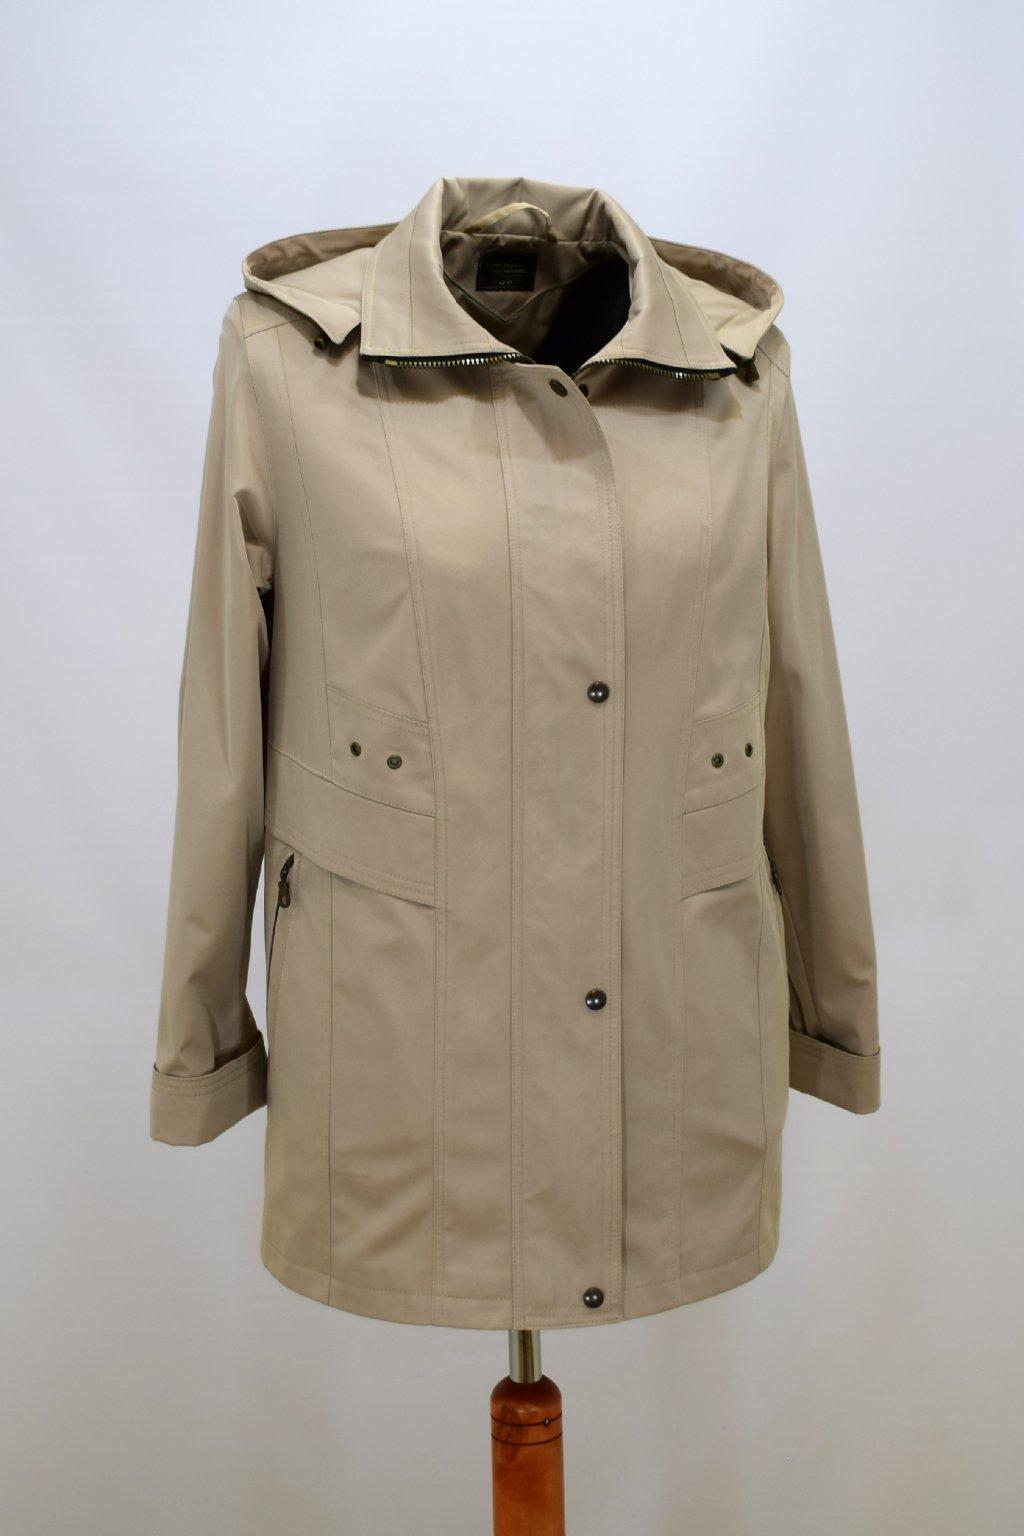 Dámská béžová jarní bunda Helena nadměrné velikosti.